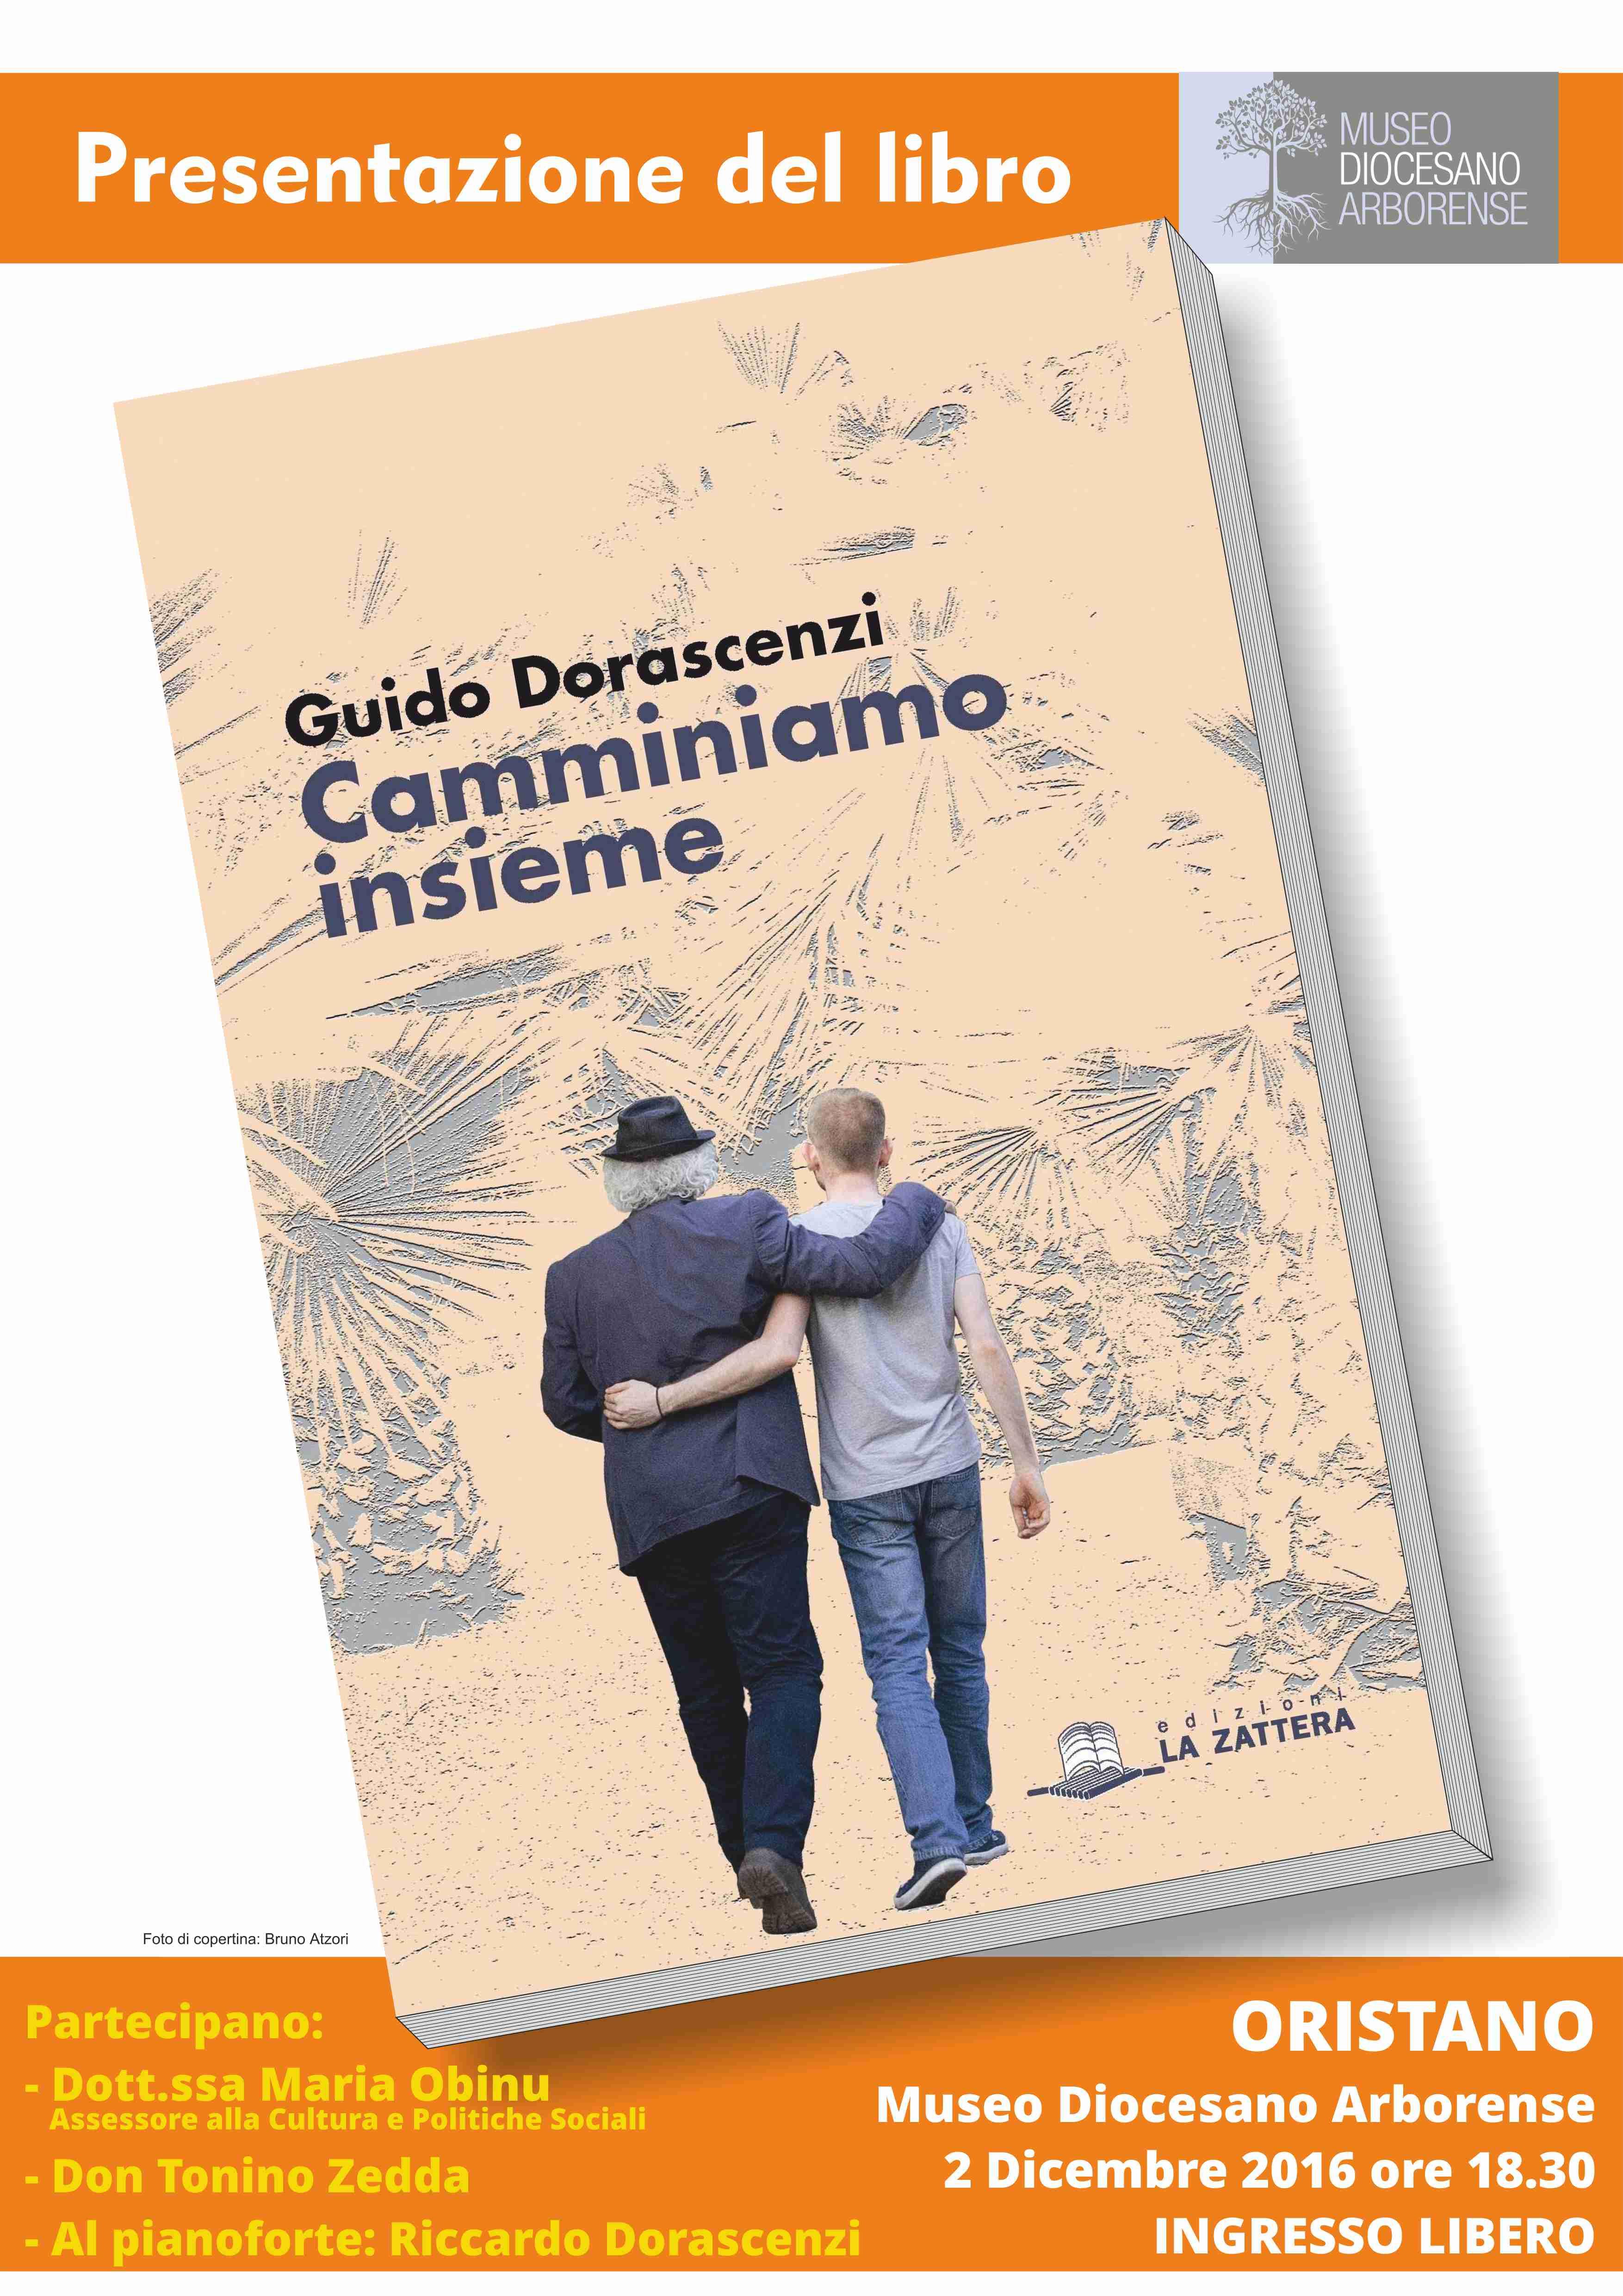 """Guido Dorascenzi presenta il suo libro """"Camminiamo insieme"""". Venerdì 2 dicembre 2016 al Museo Diocesano Arborense."""